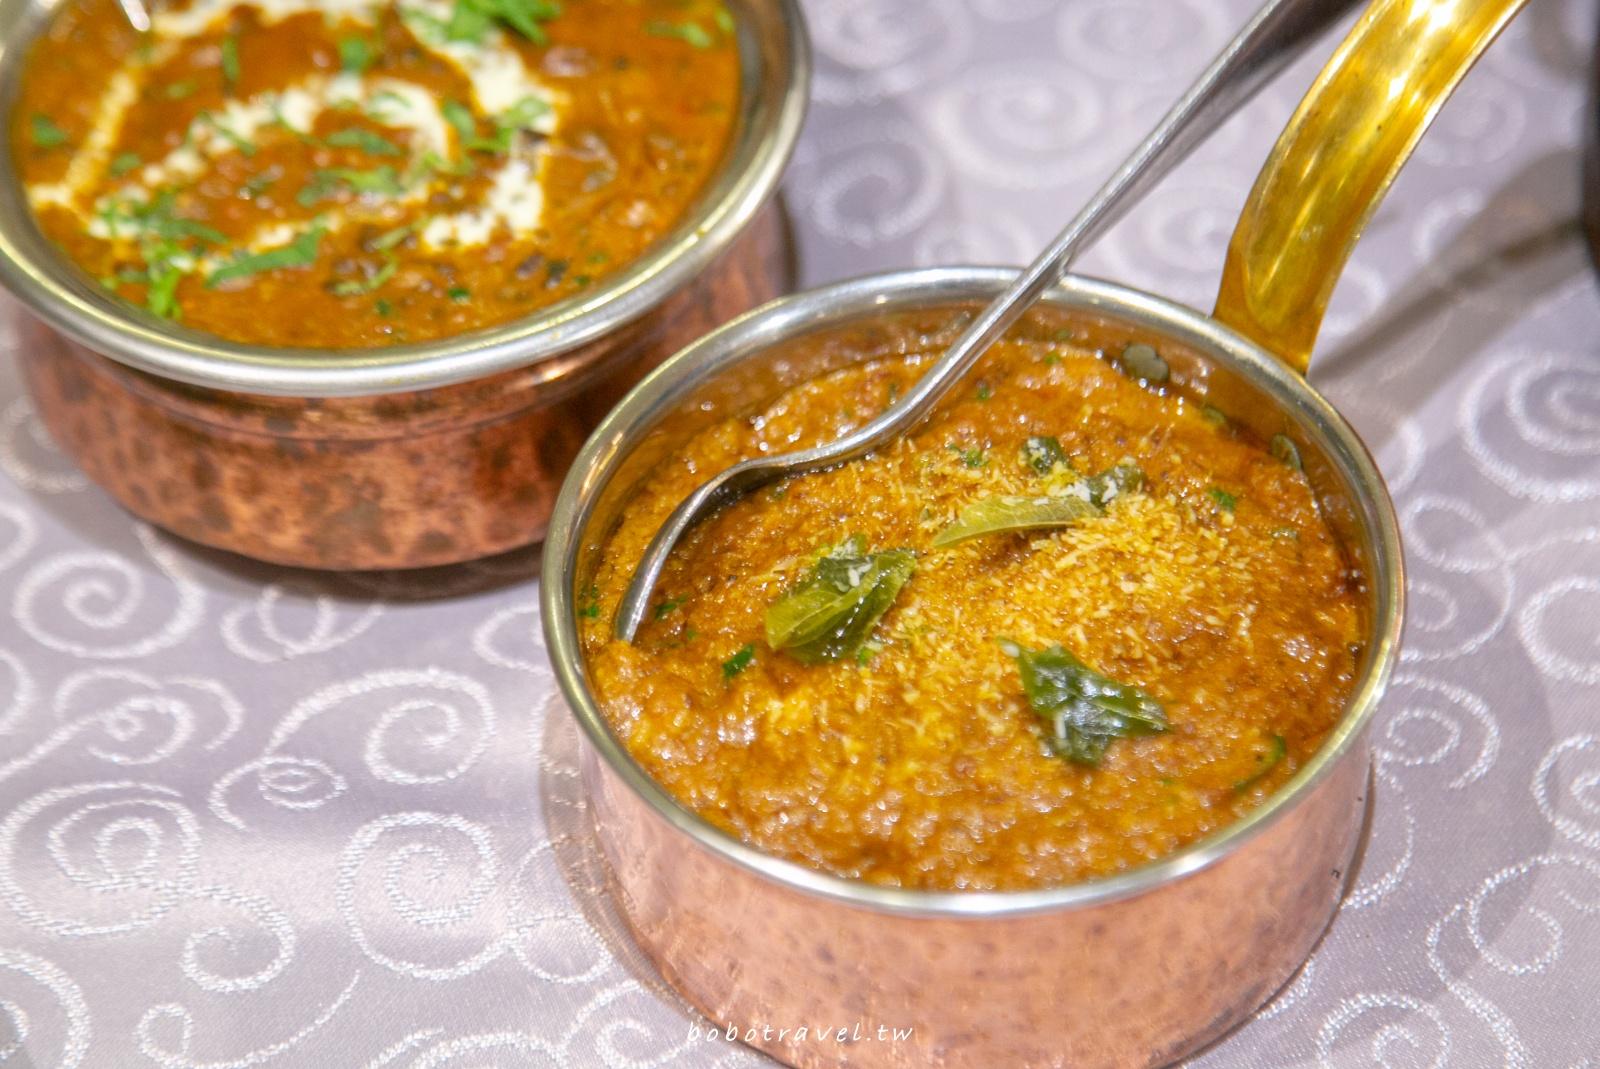 坦都印度餐廳 Tandoor Indian Restaurant|台灣第一家正宗印度料理,30年老店的經典滋味(中山國中站美食)